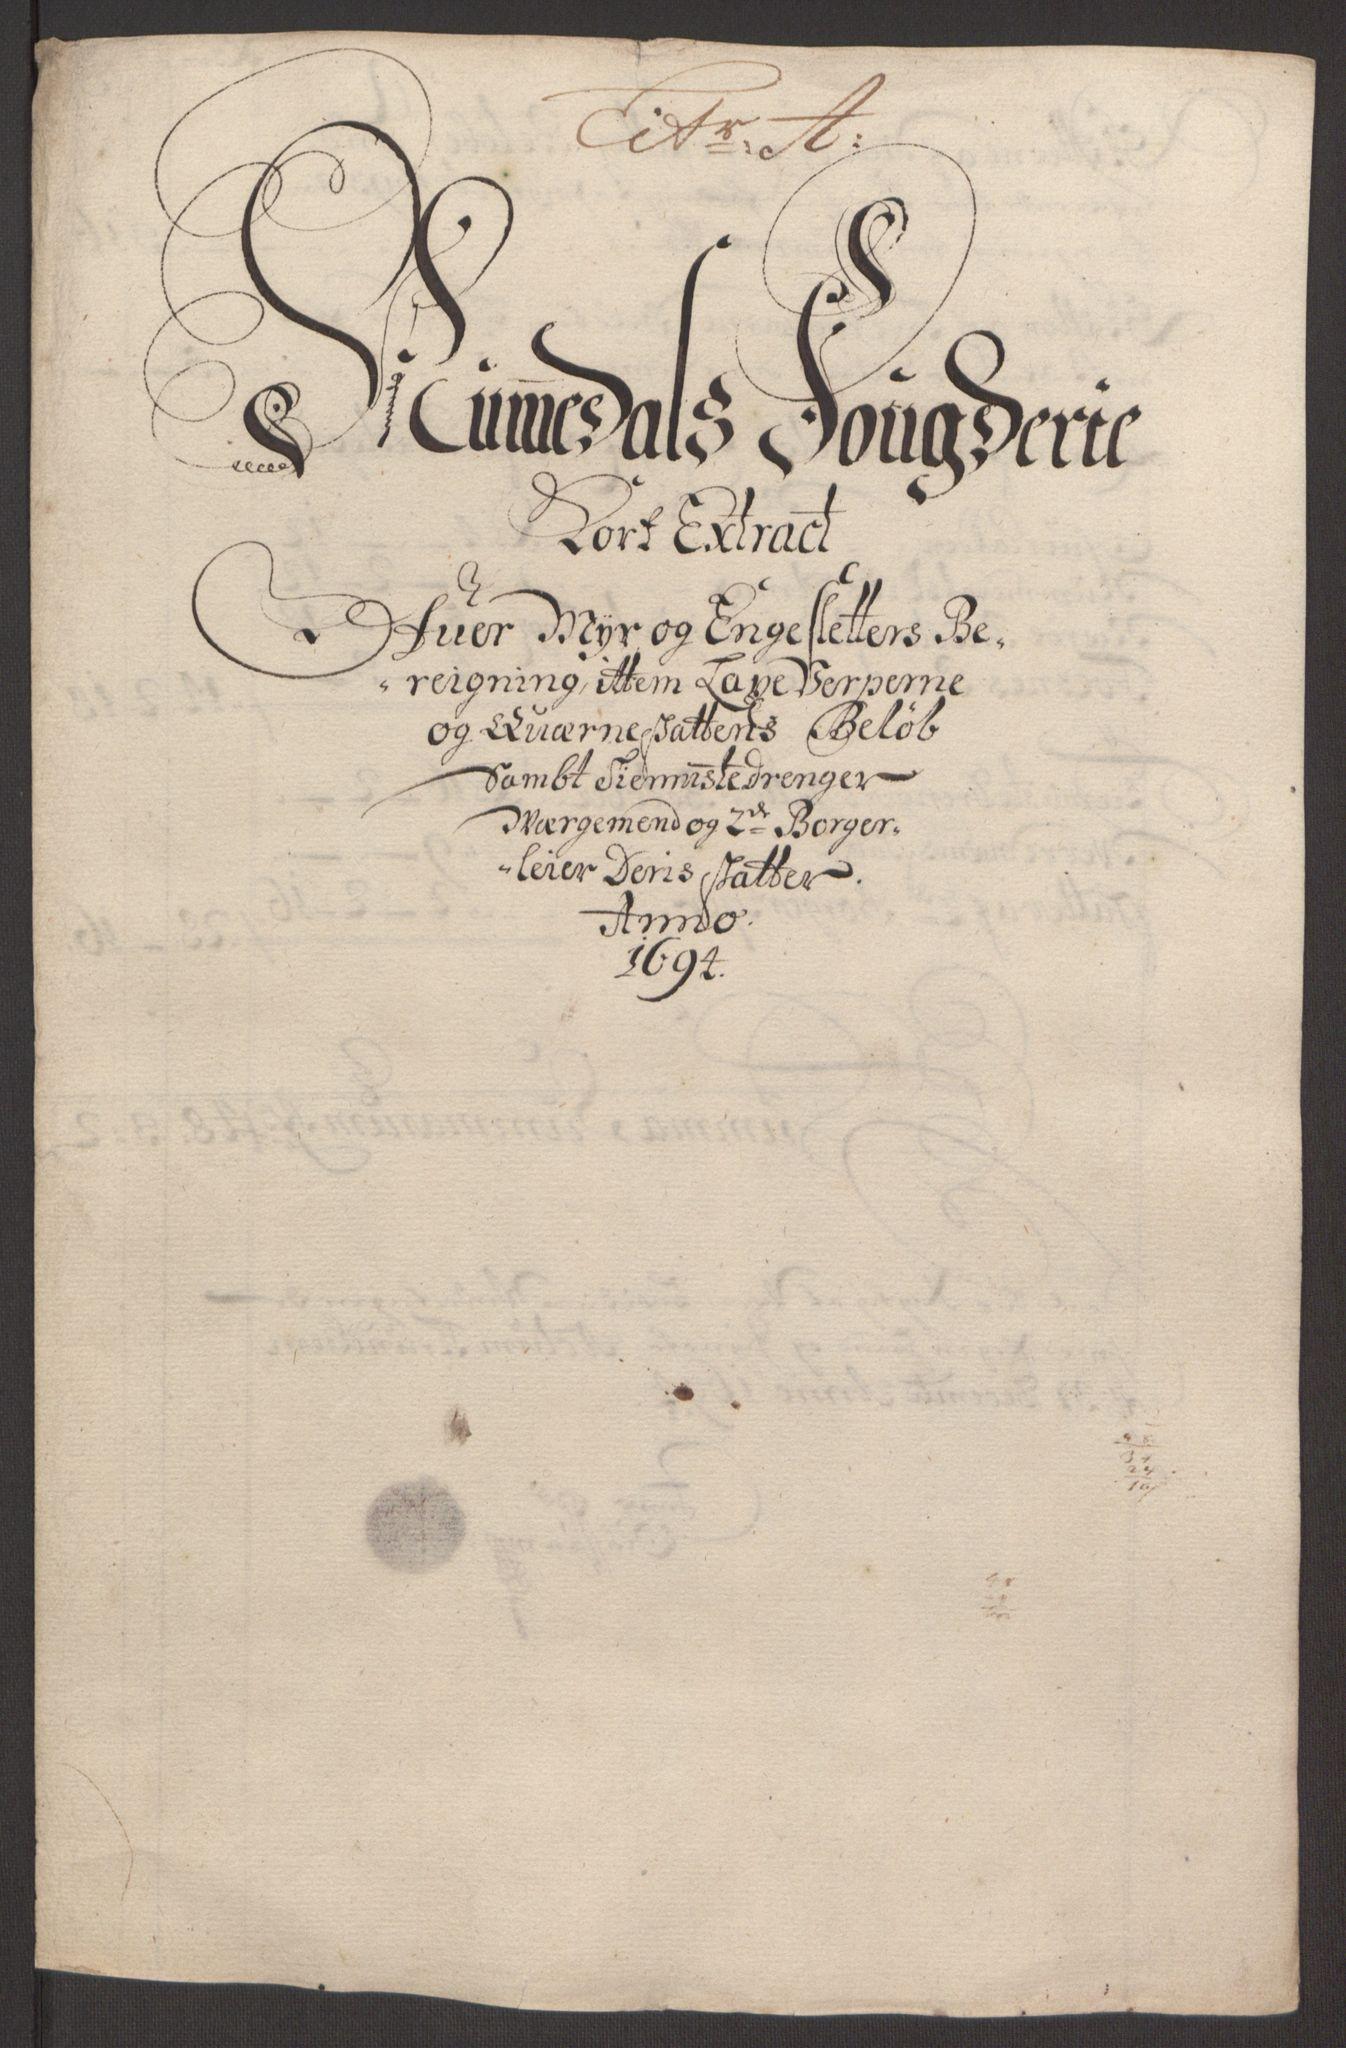 RA, Rentekammeret inntil 1814, Reviderte regnskaper, Fogderegnskap, R64/L4424: Fogderegnskap Namdal, 1692-1695, s. 341